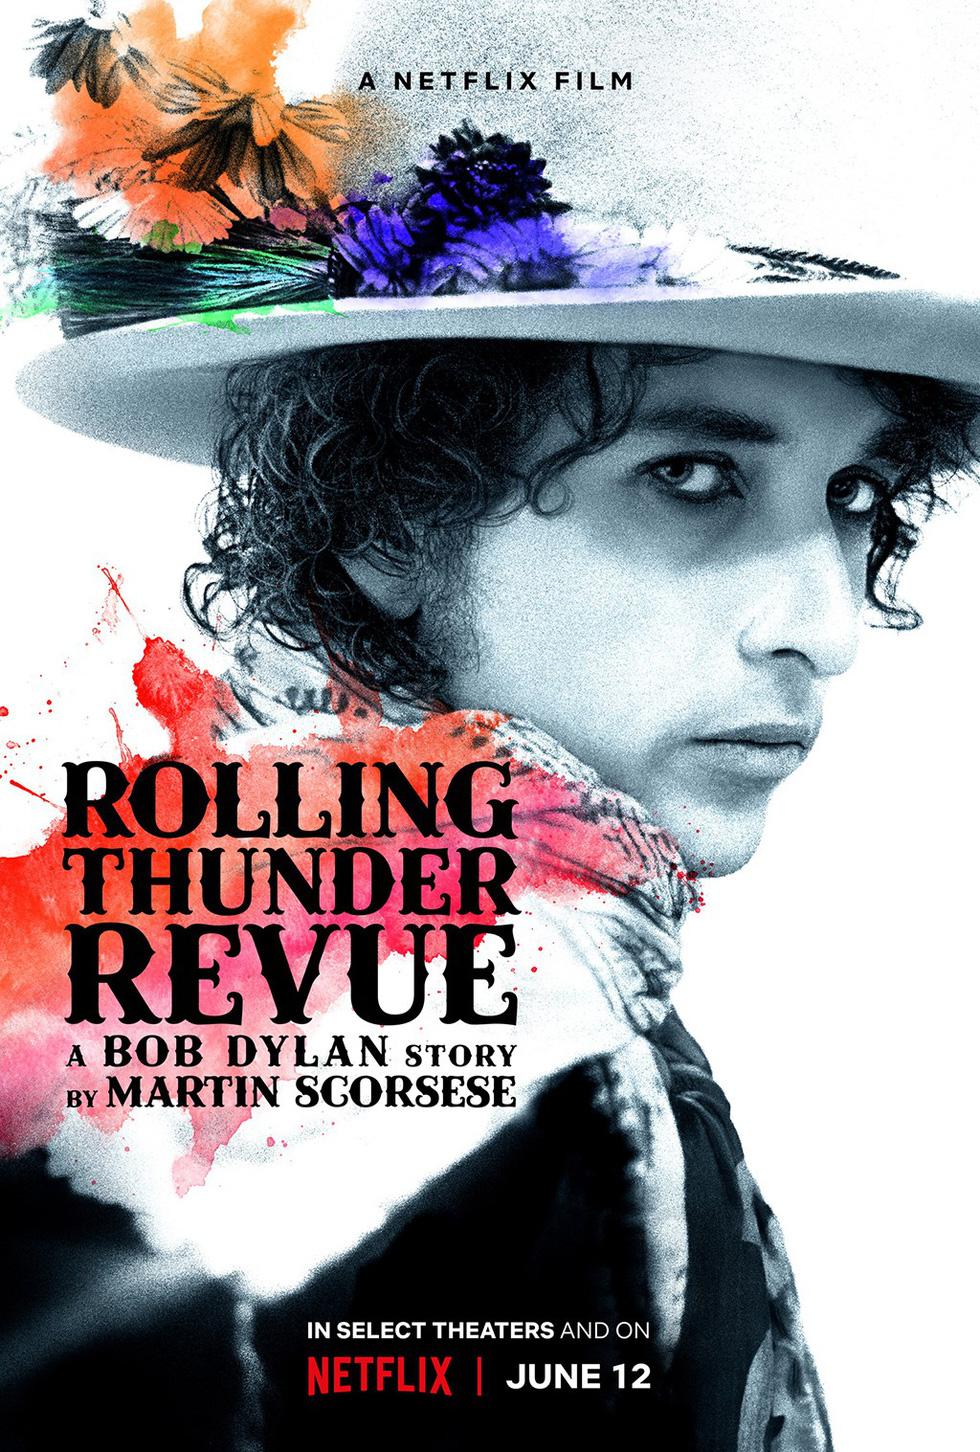 Bob Dylan qua Rolling Thunder Revue: Tôi là một kẻ trác táng thích ngao du - Ảnh 3.